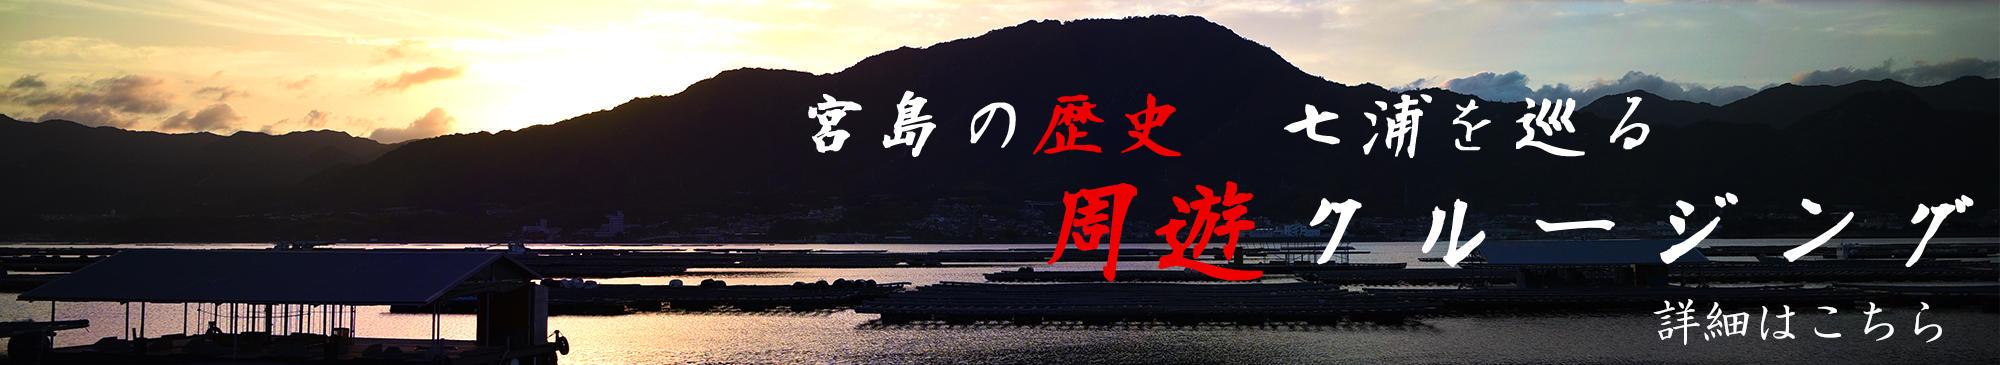 七浦巡り 宮島周遊クルーズ